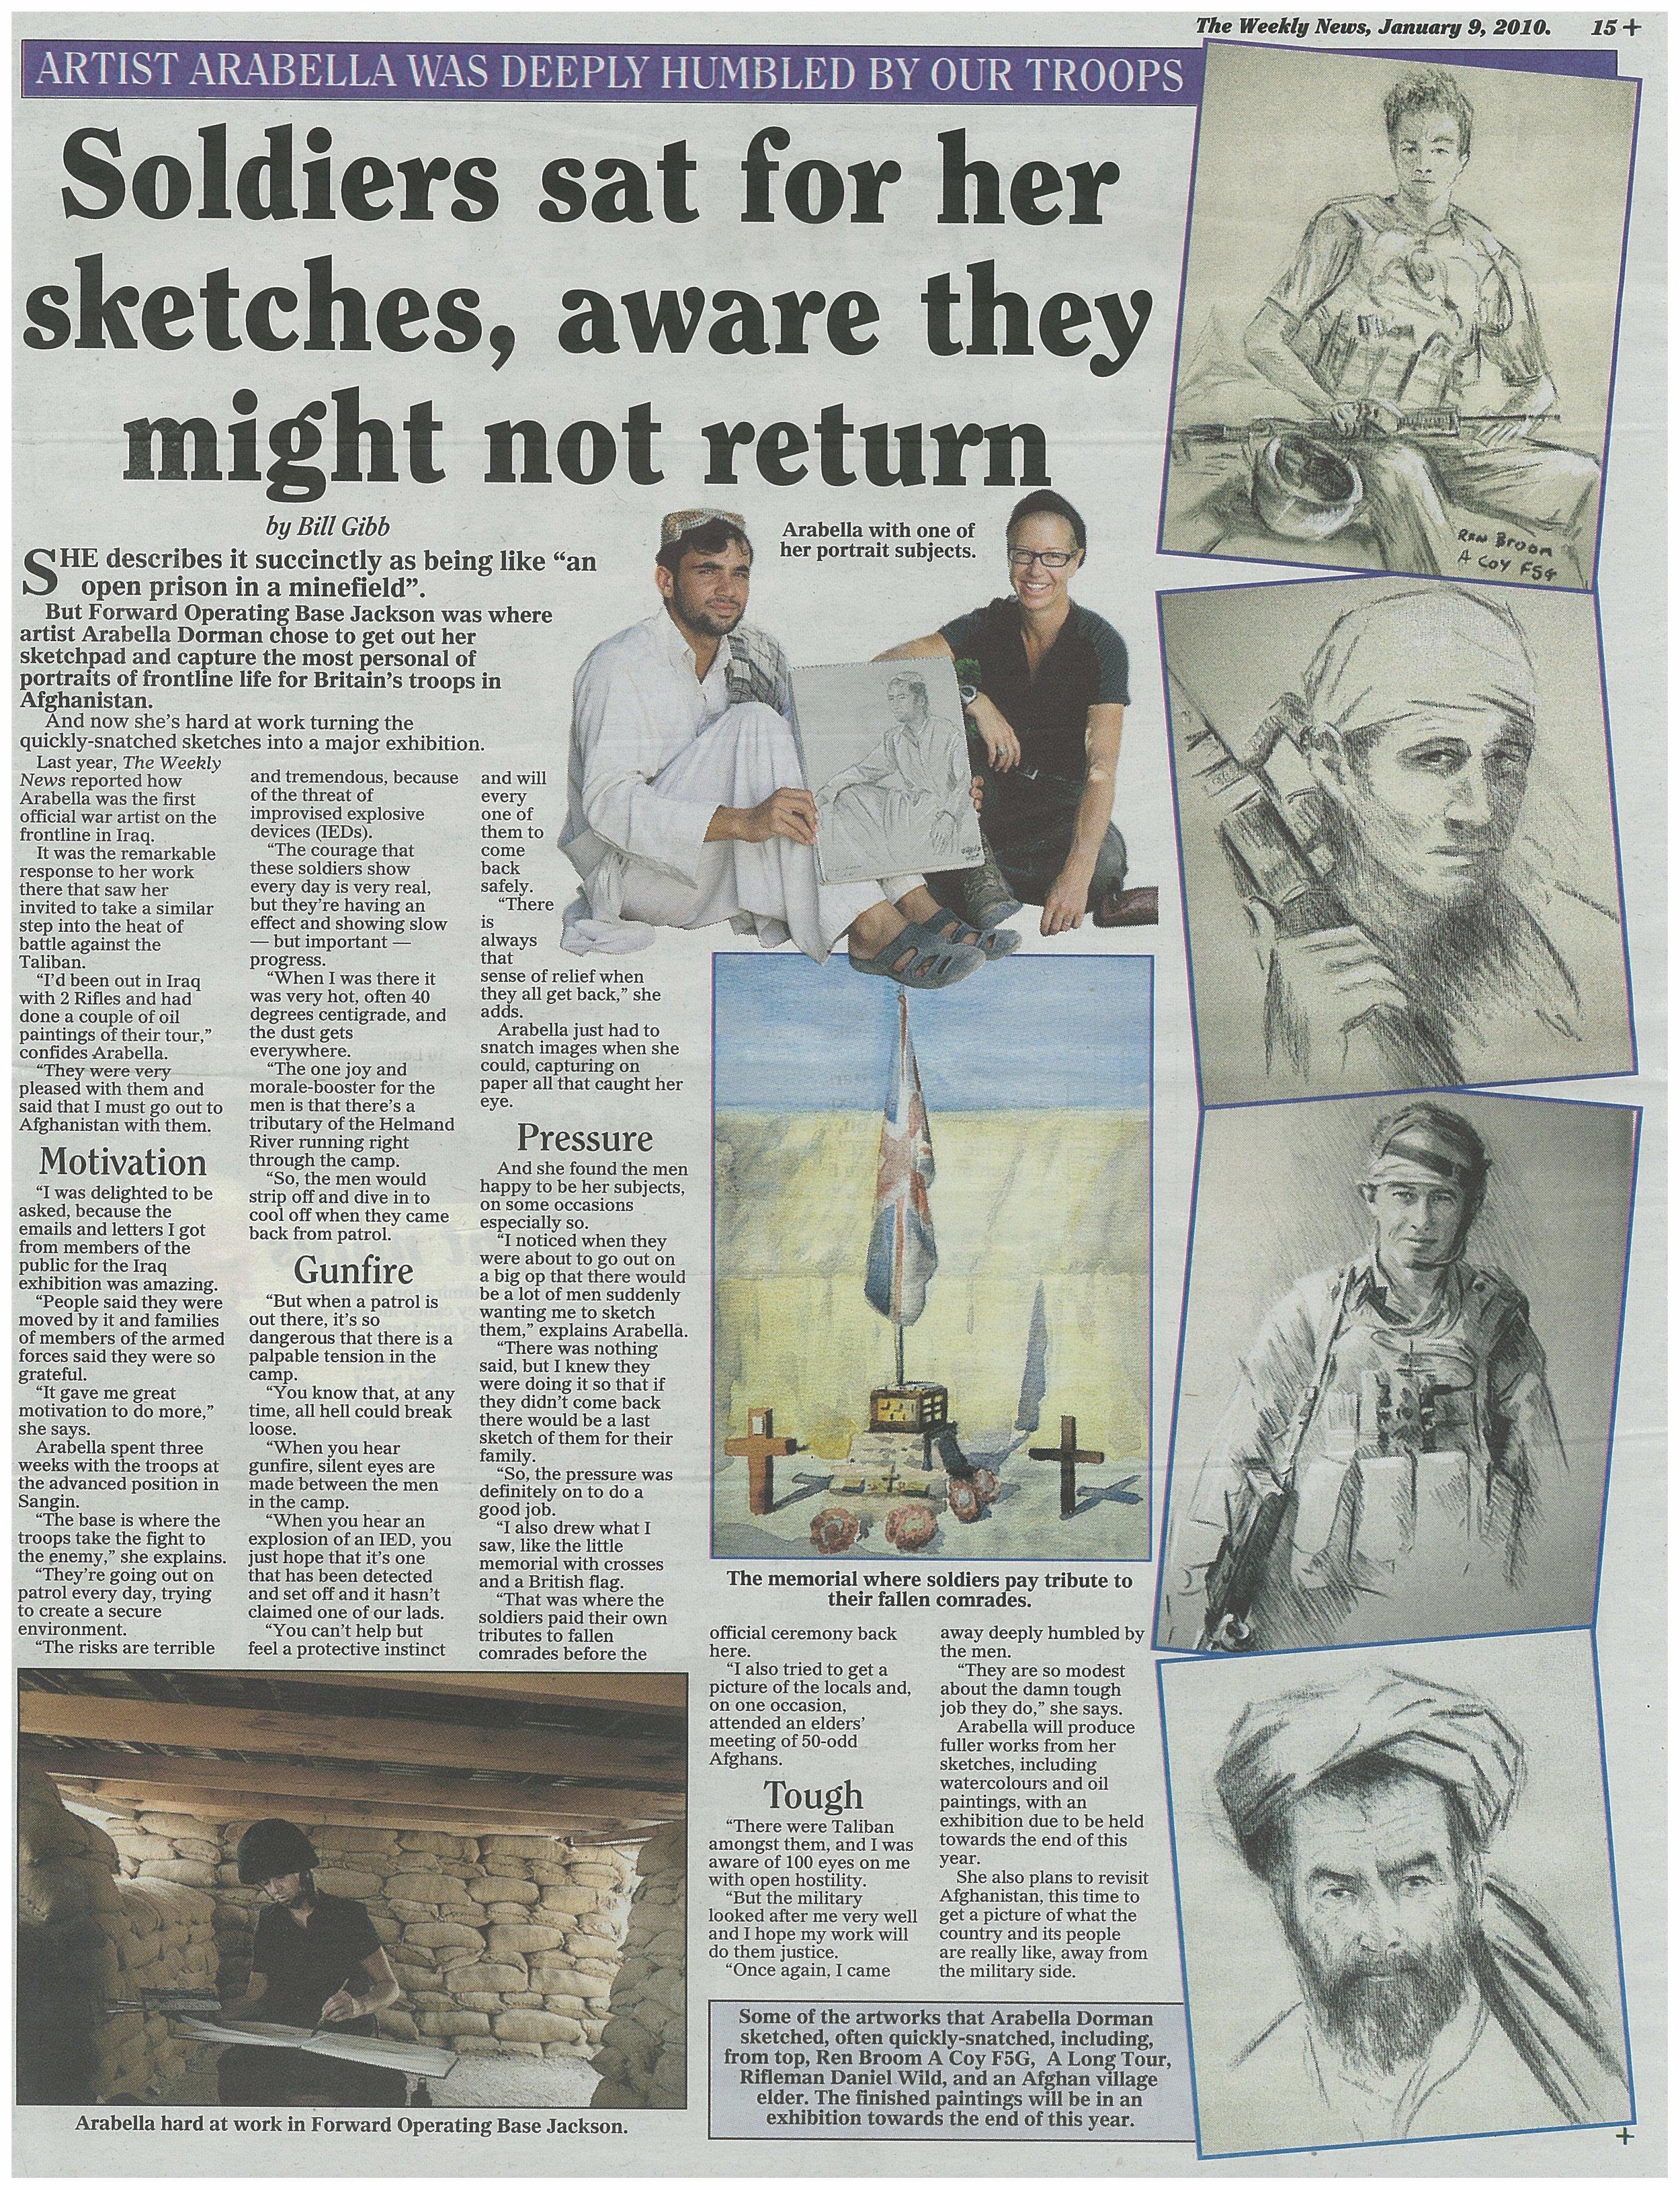 The Weekly News, January 9 2010.jpg